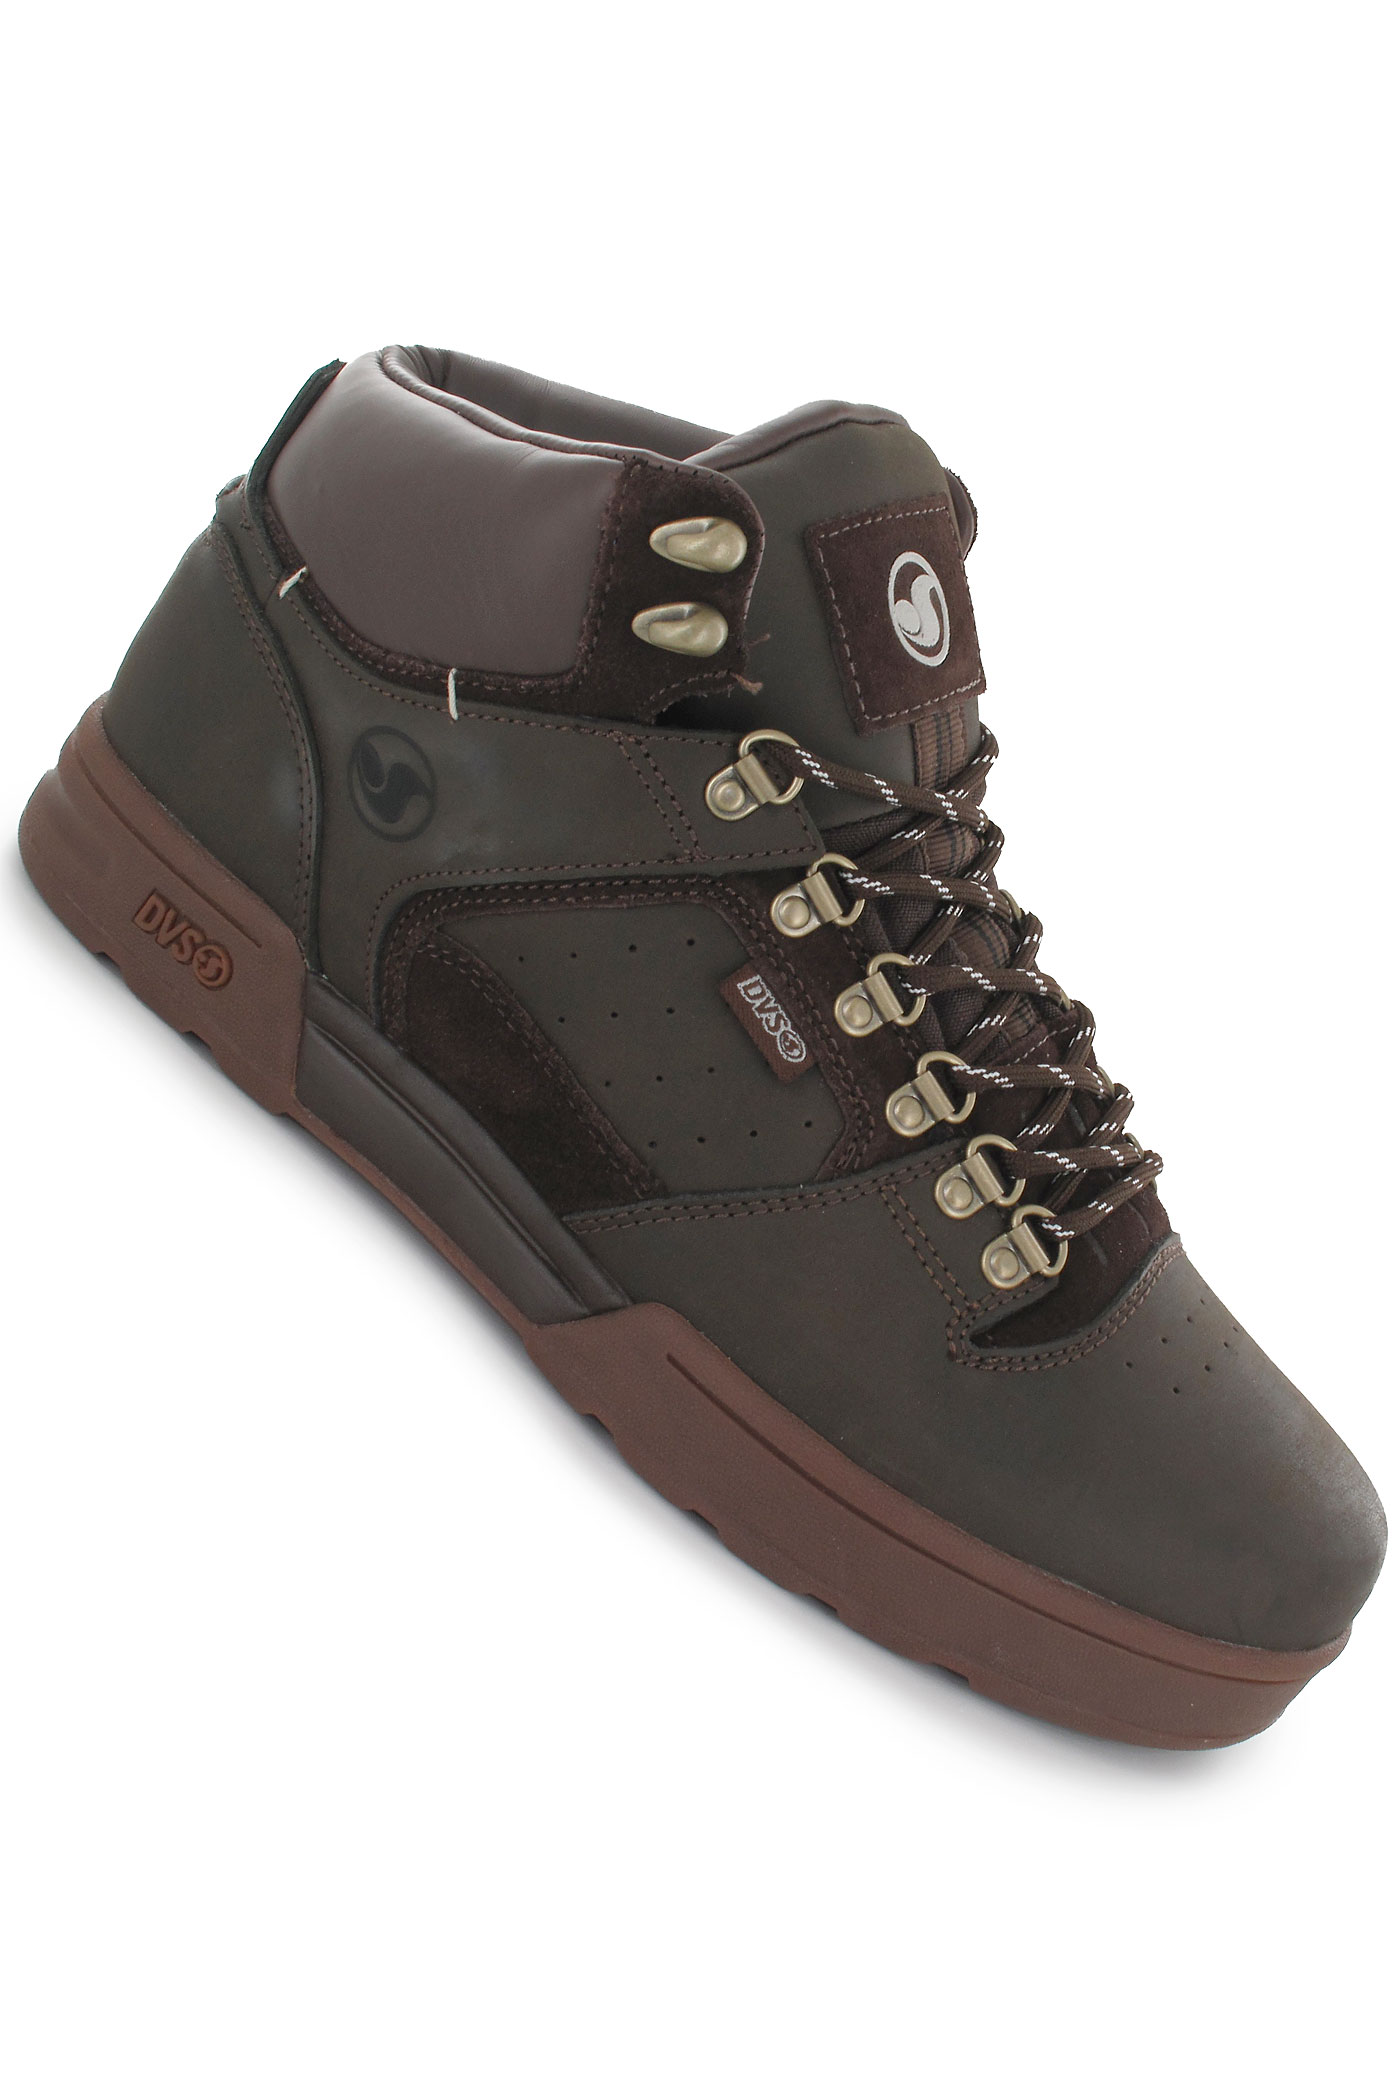 pánské zimní boty DVS Westridge,brown leather snow